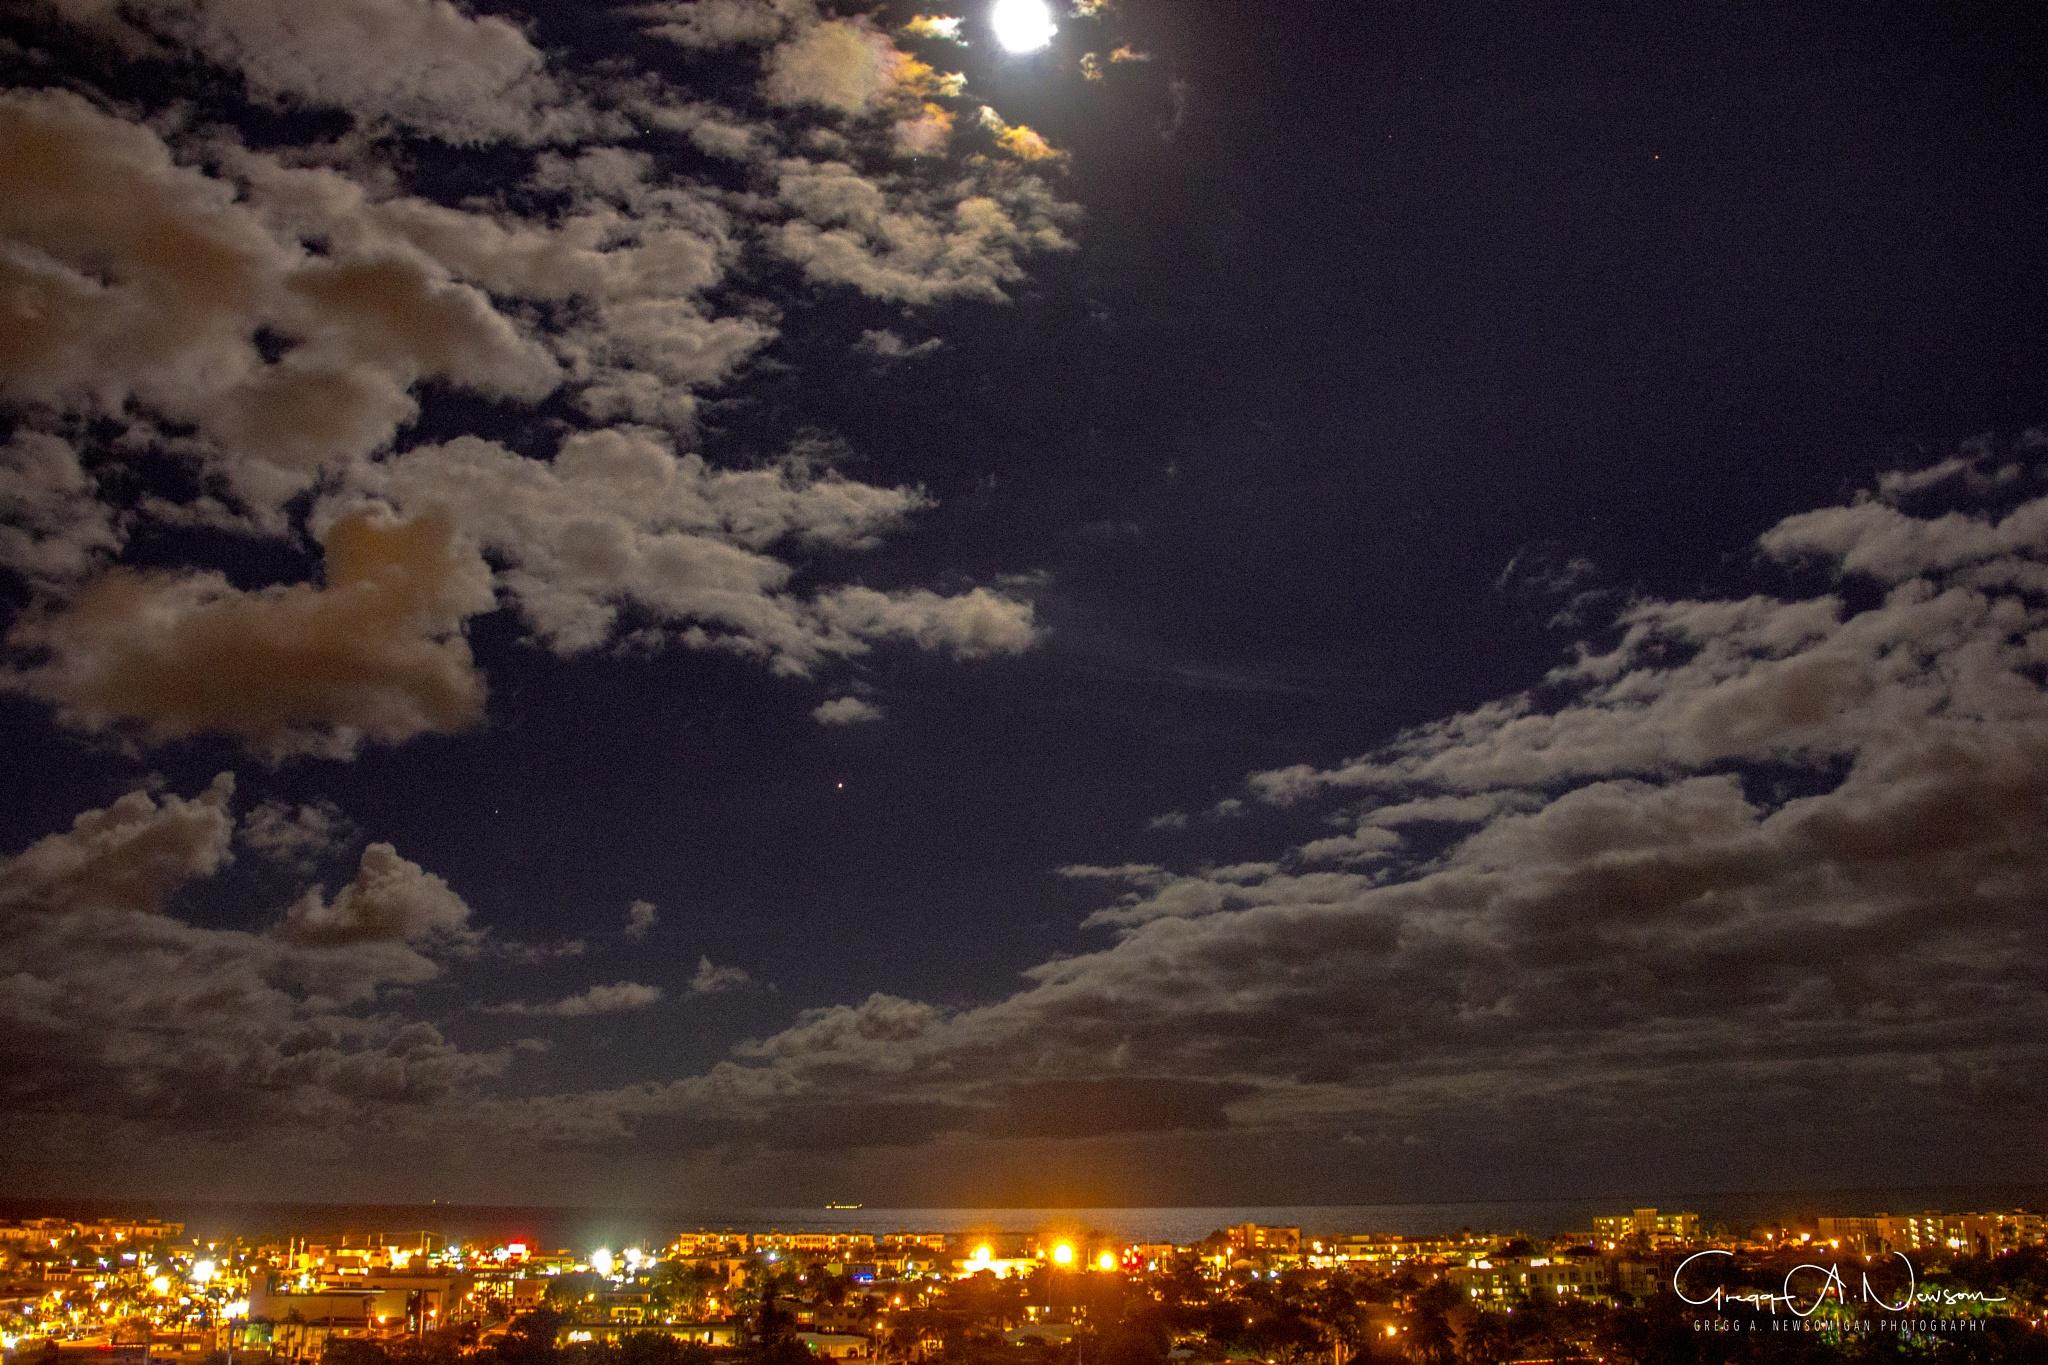 Full Moon by Gnewsom324